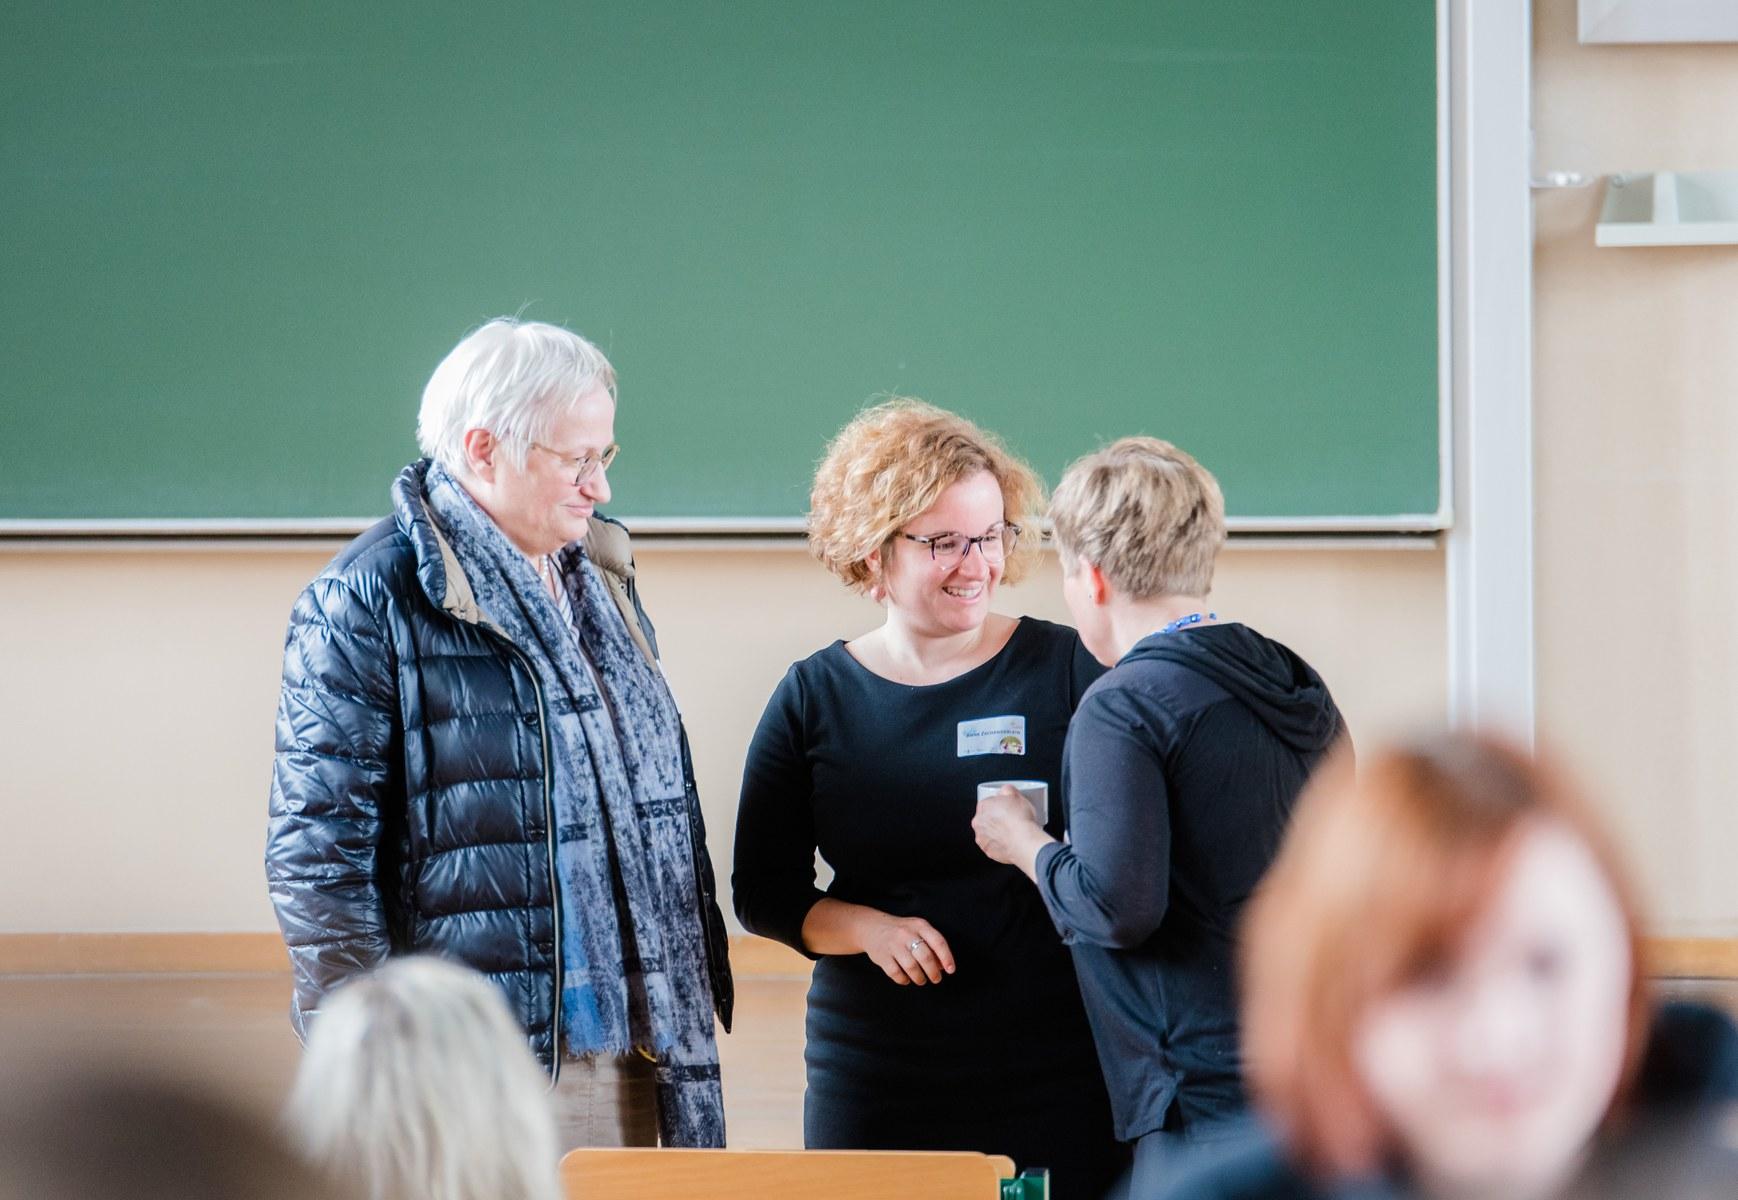 Dr. Ilse Wehrmann1